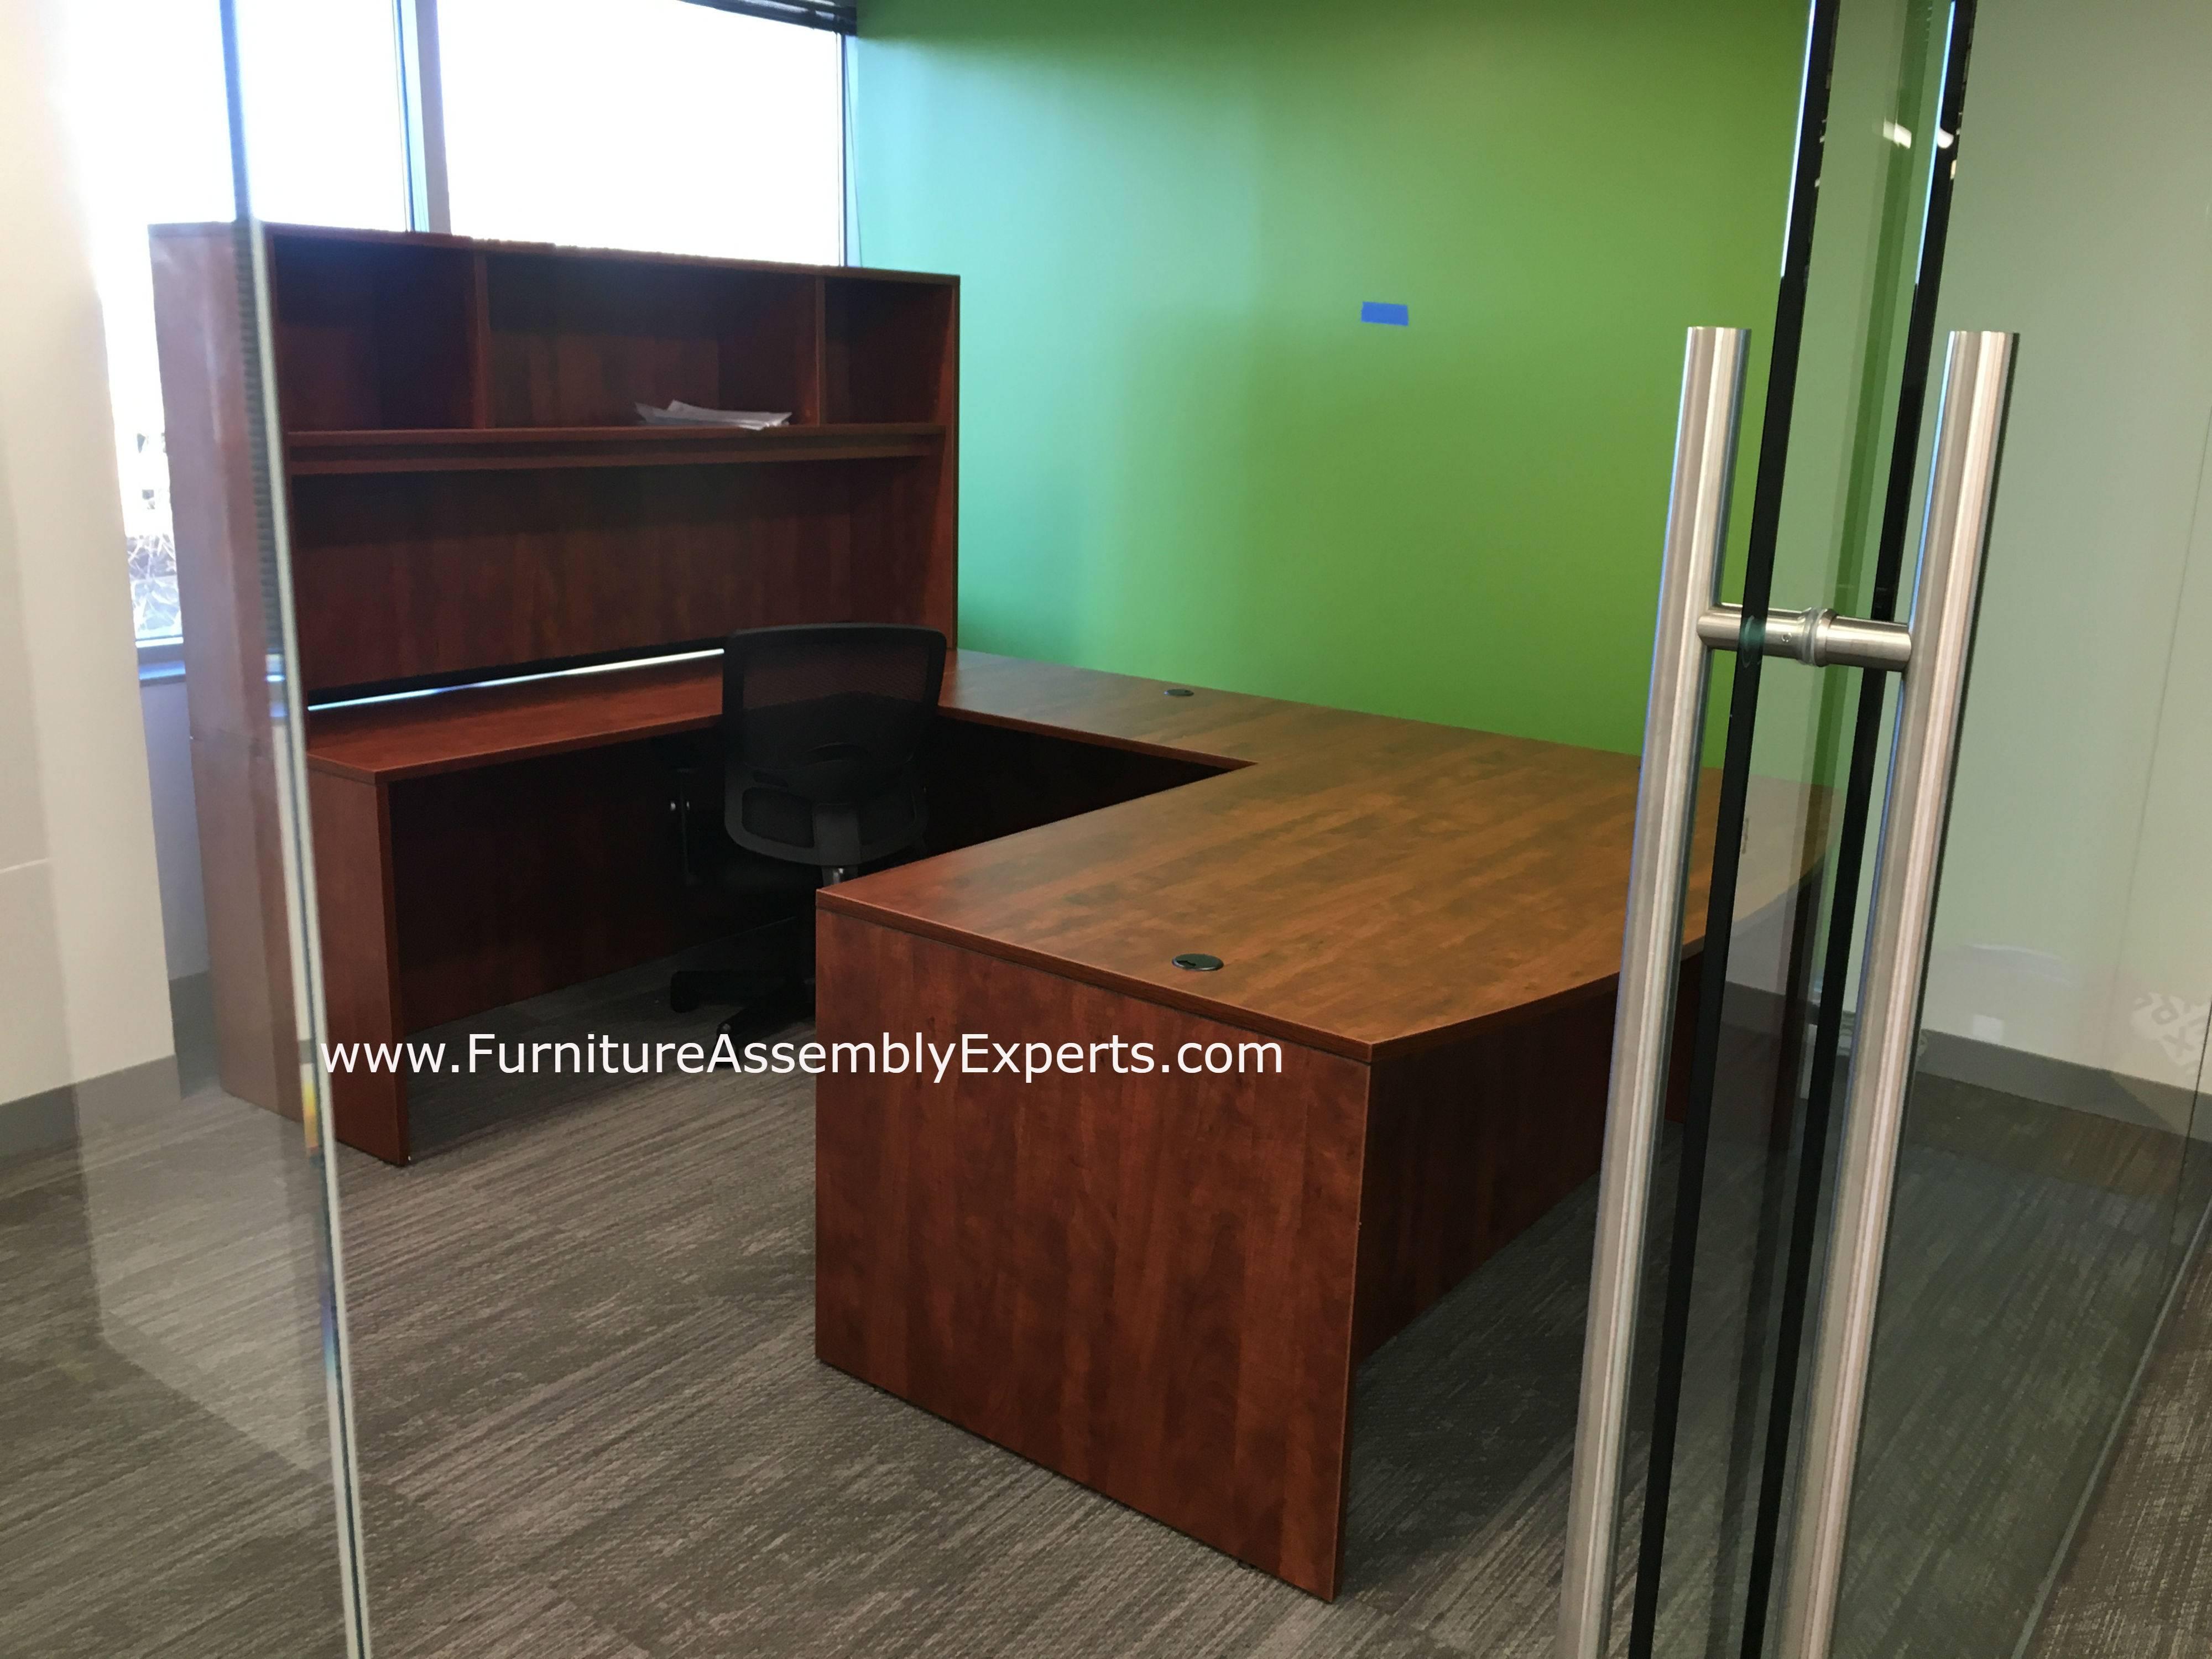 executive desk installation in Washington DC